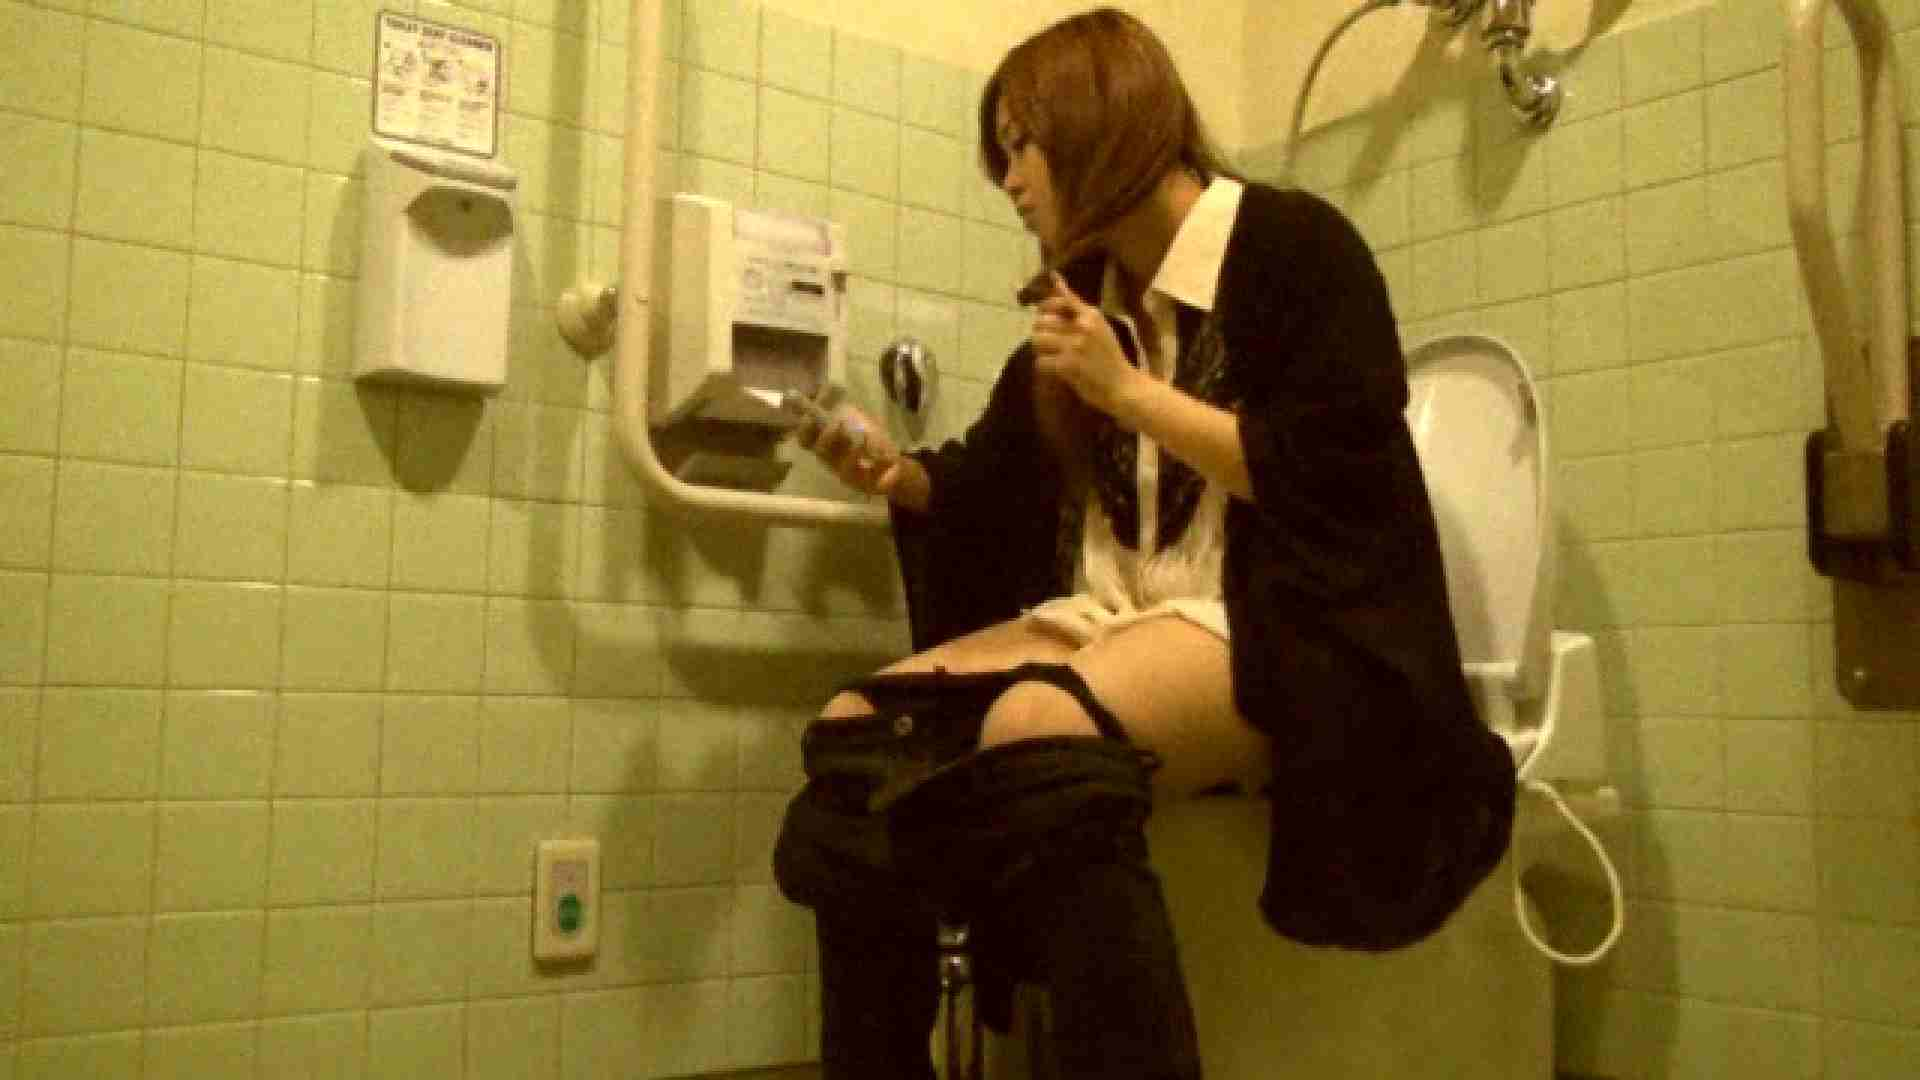 魔術師の お・も・て・な・し vol.26 19歳のバーの店員さんの洗面所をしばし… 洗面所突入 エロ無料画像 73pic 38